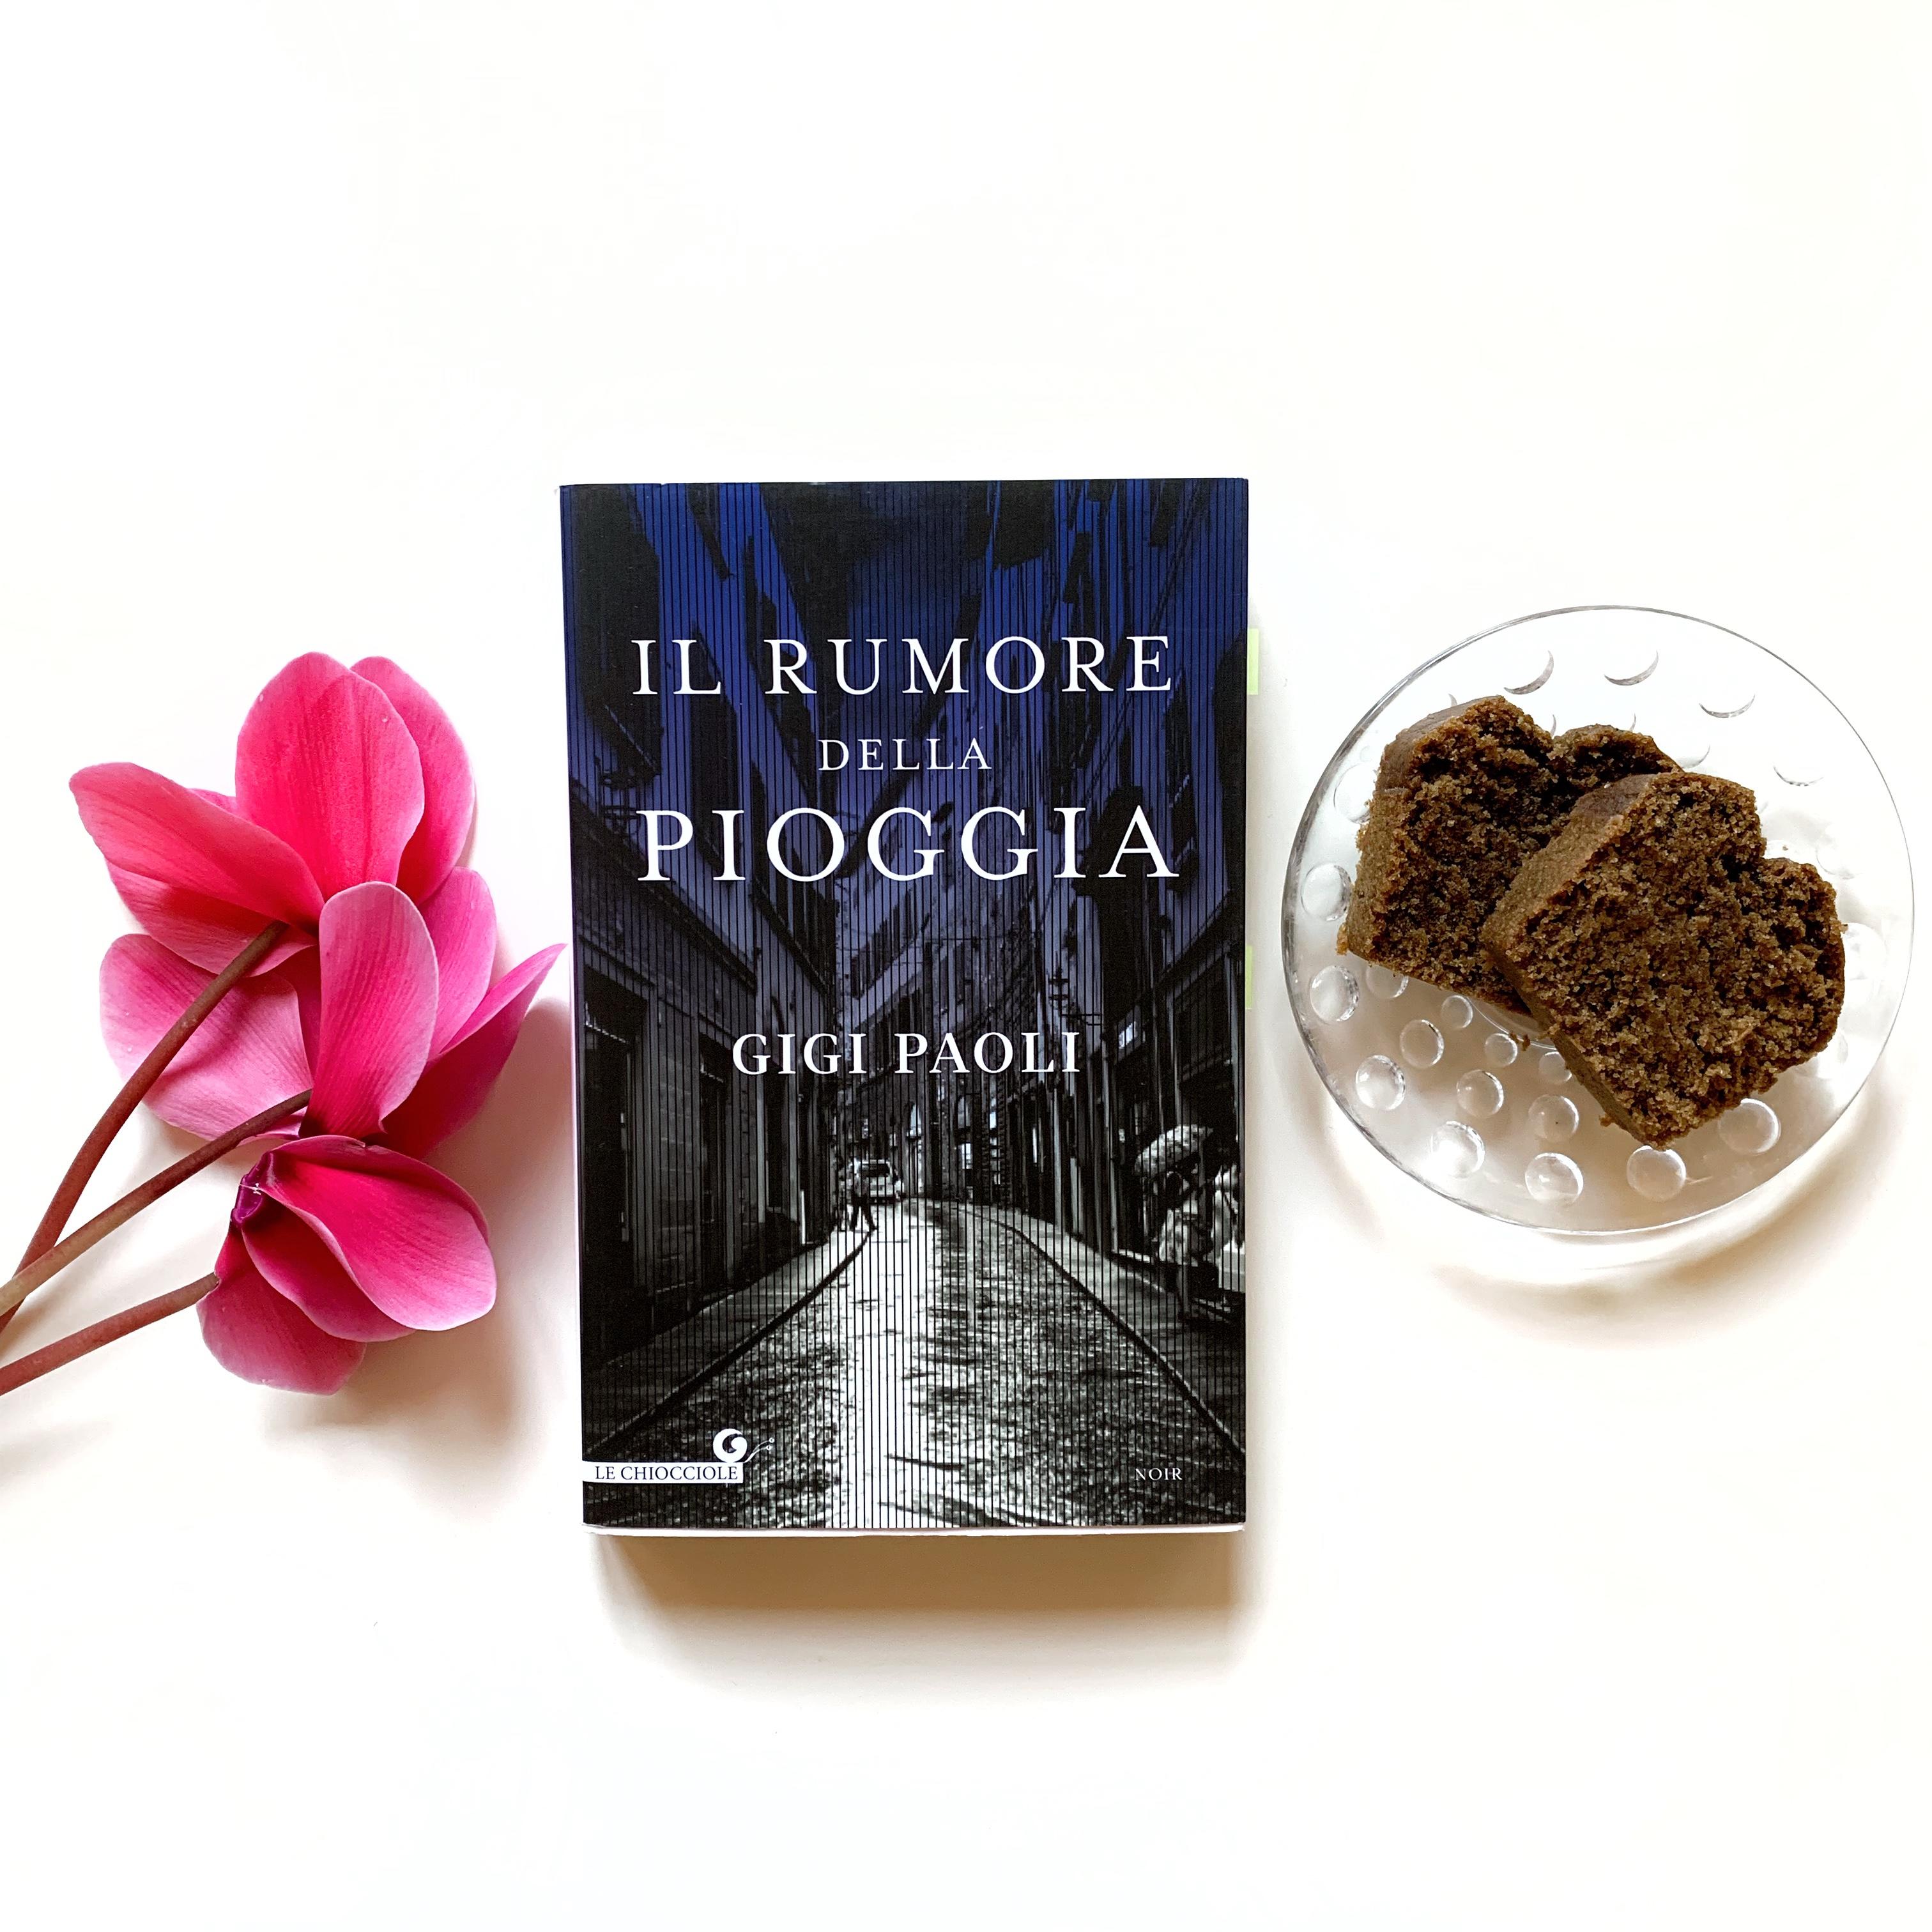 Il rumore della pioggia di Gigi Paoli, Inchiesta, Giallo, Giornalismo, Noir, Firenze, Giunti Editore, Romanzo,